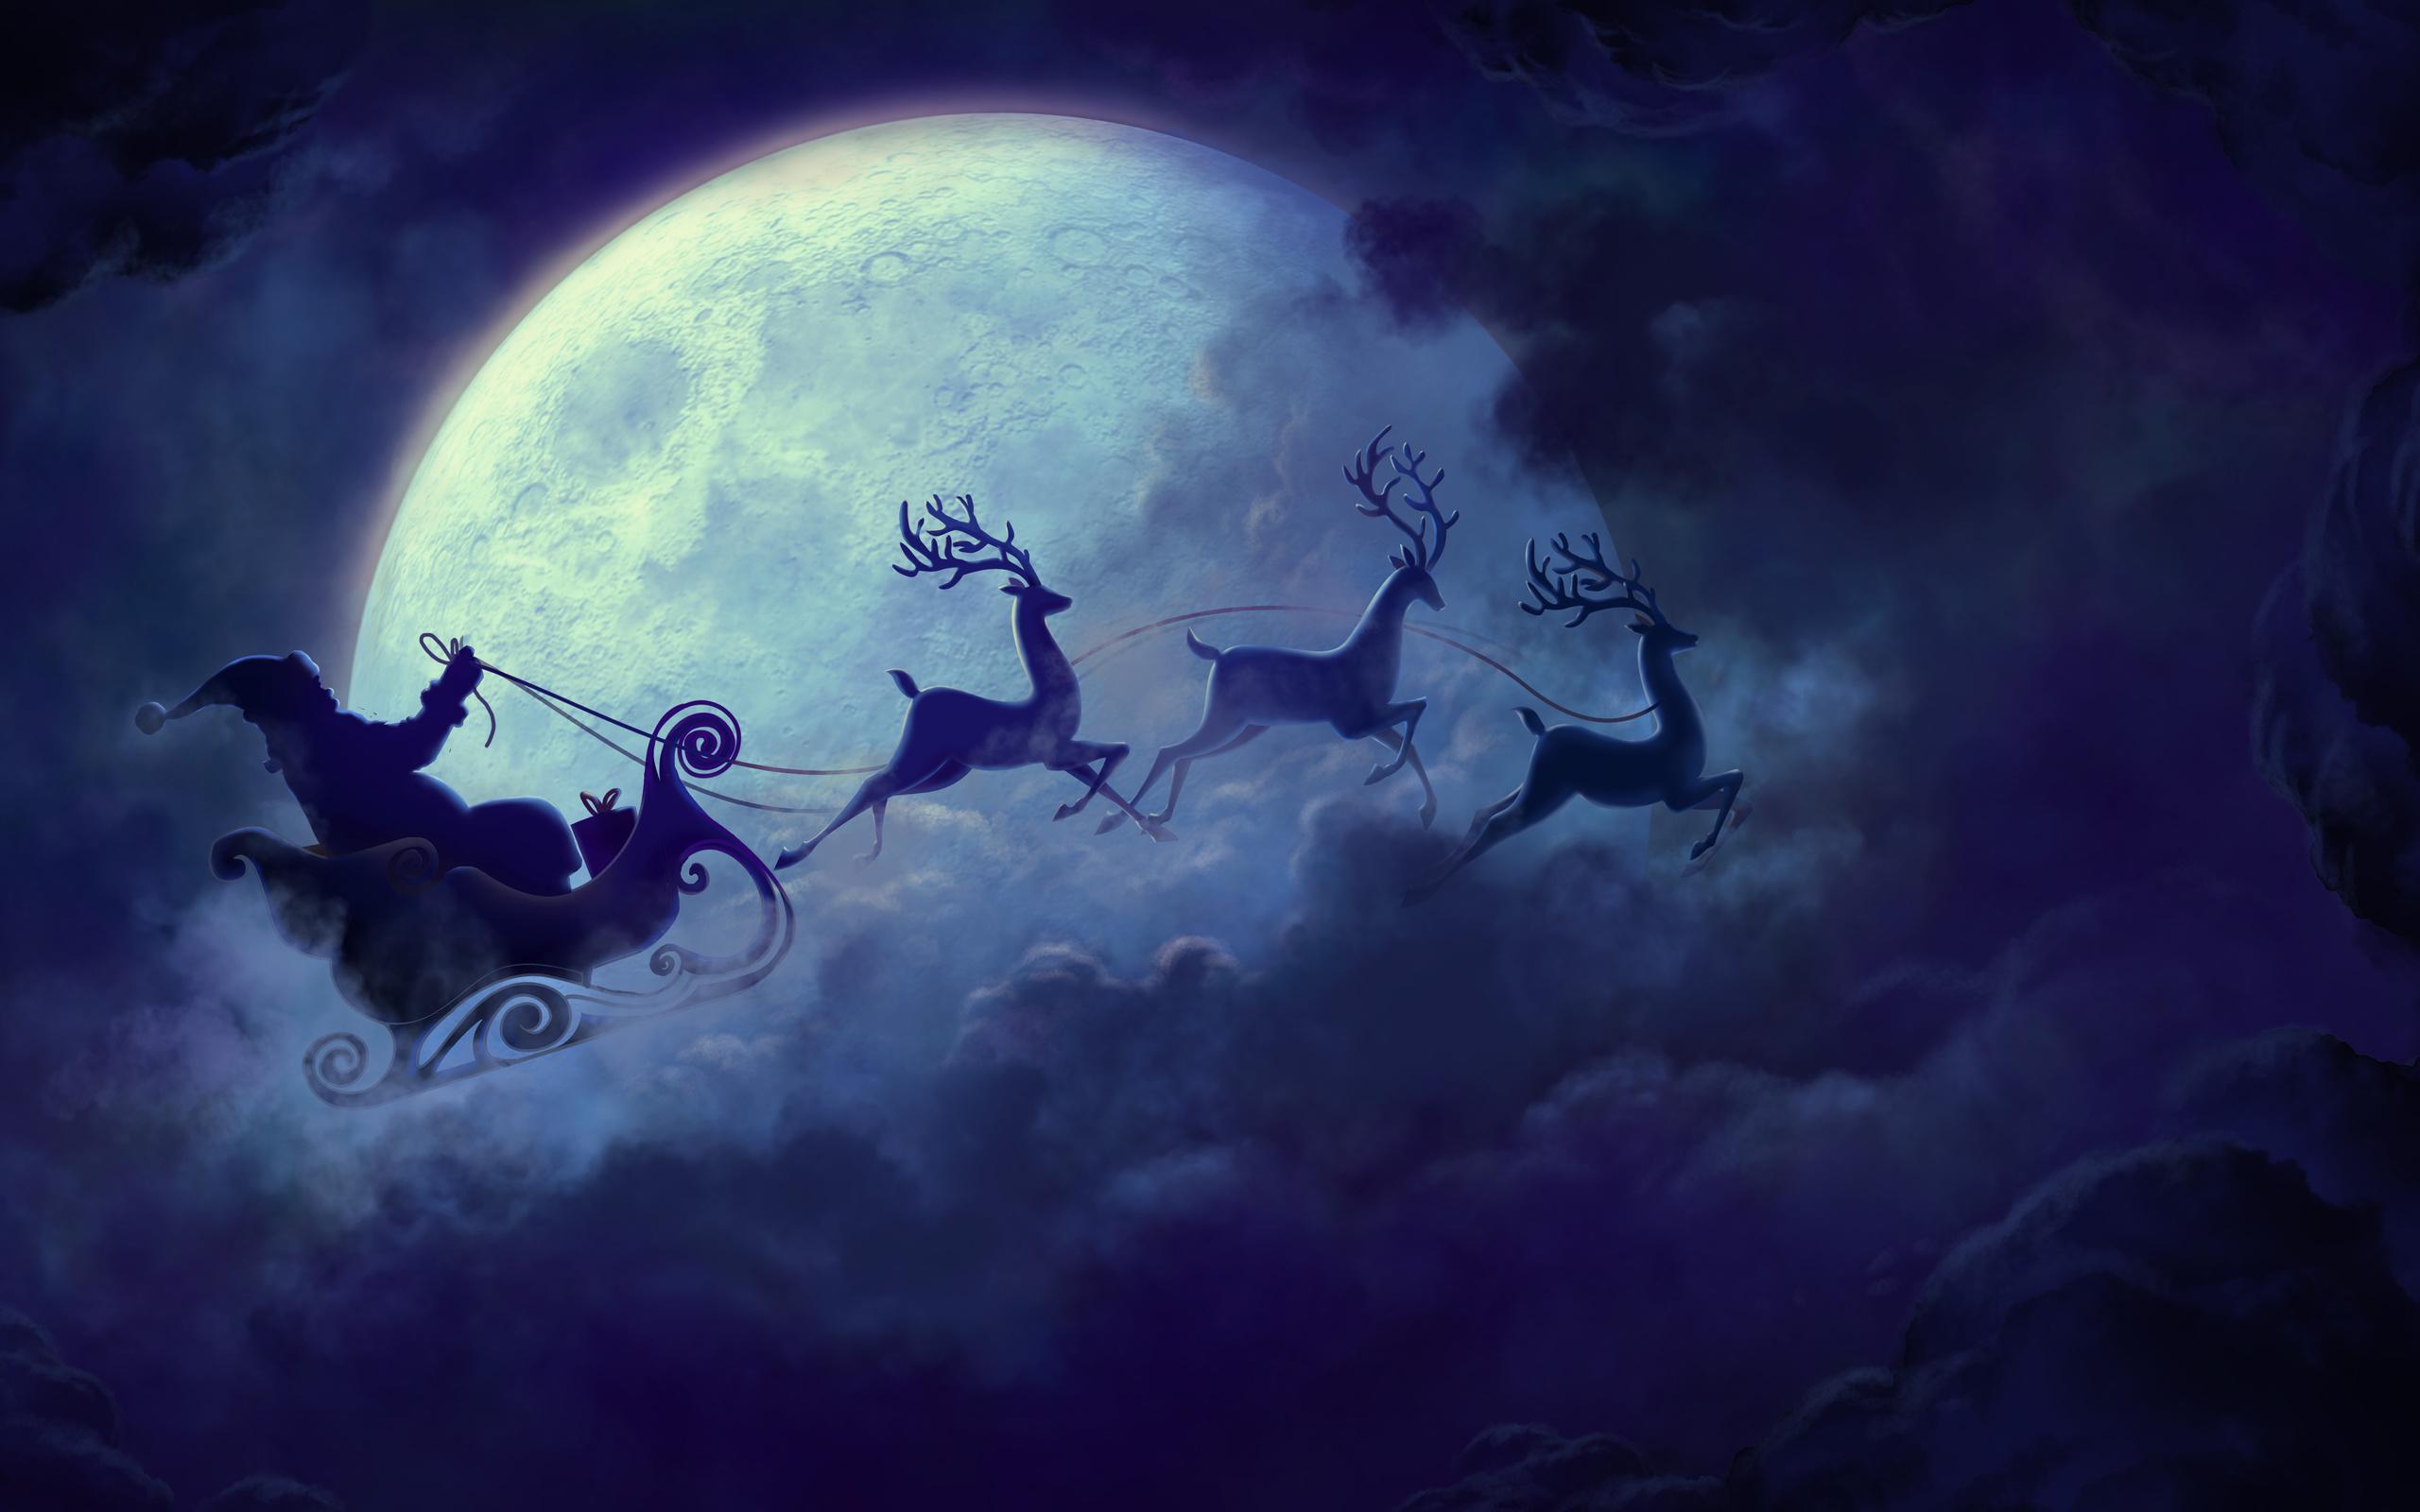 Картинки деда мороза на санях с оленями в небе